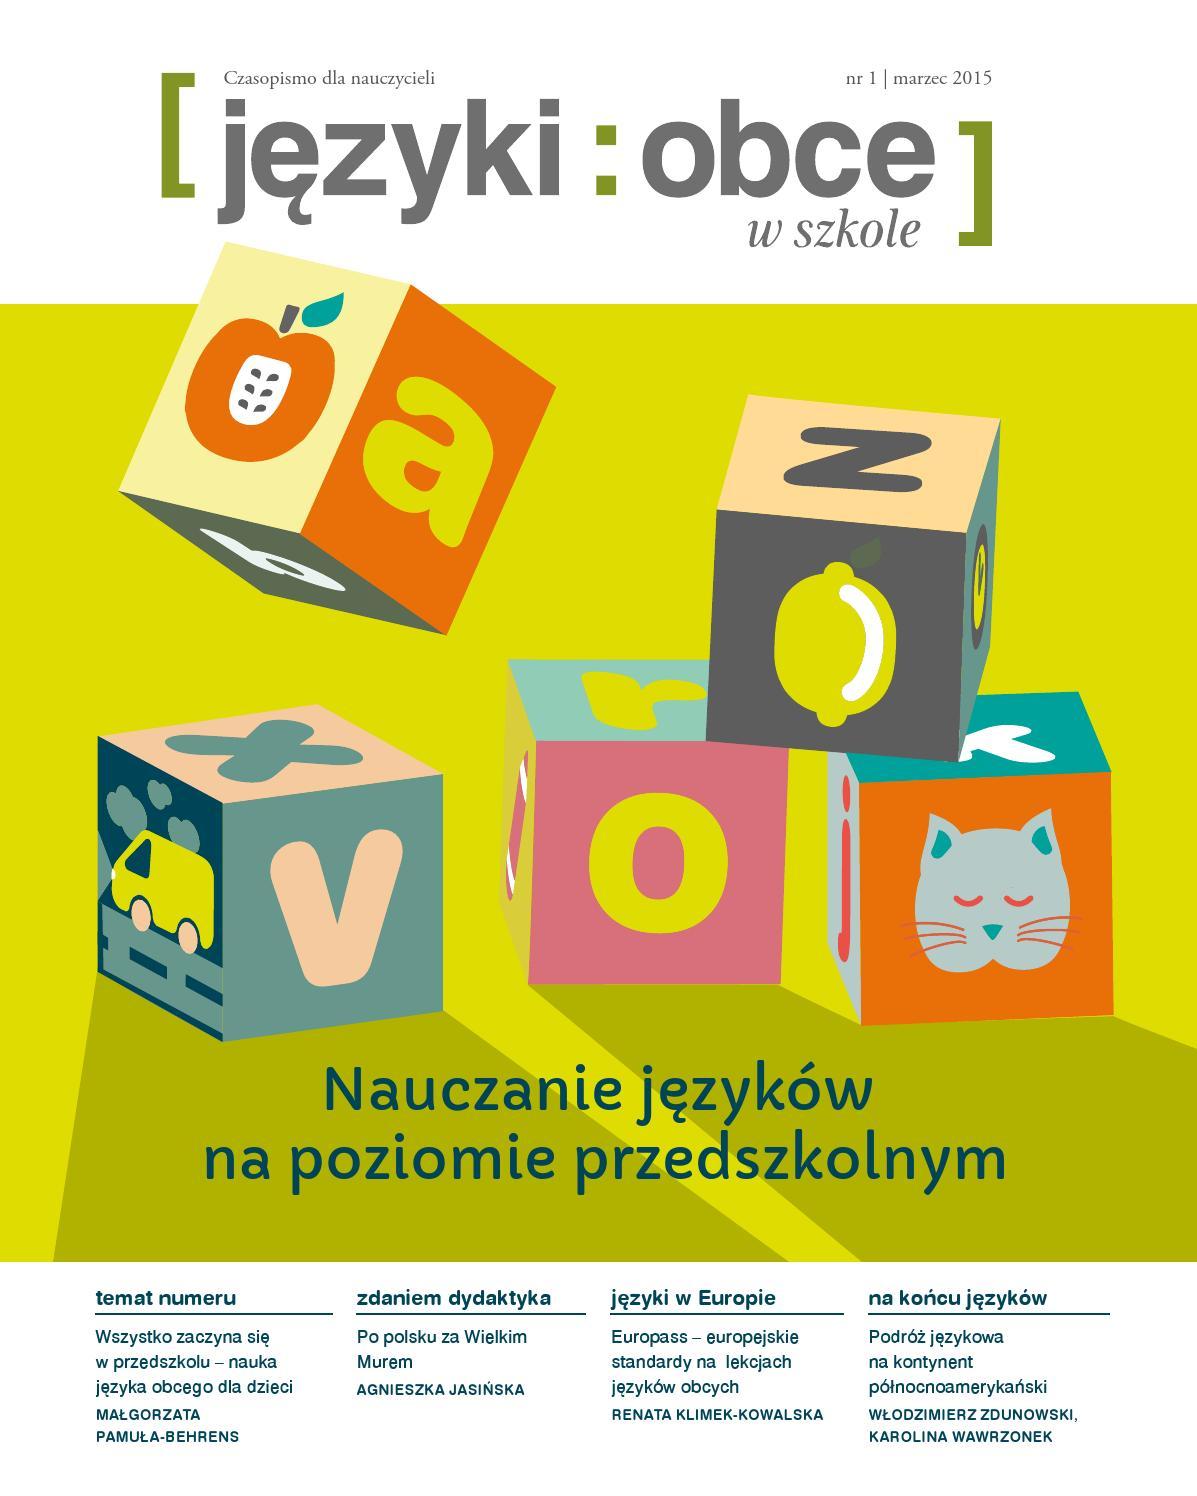 6de25687ae0be Języki Obce w Szkole nr 1/2015 by Fundacja Rozwoju Systemu Edukacji - issuu